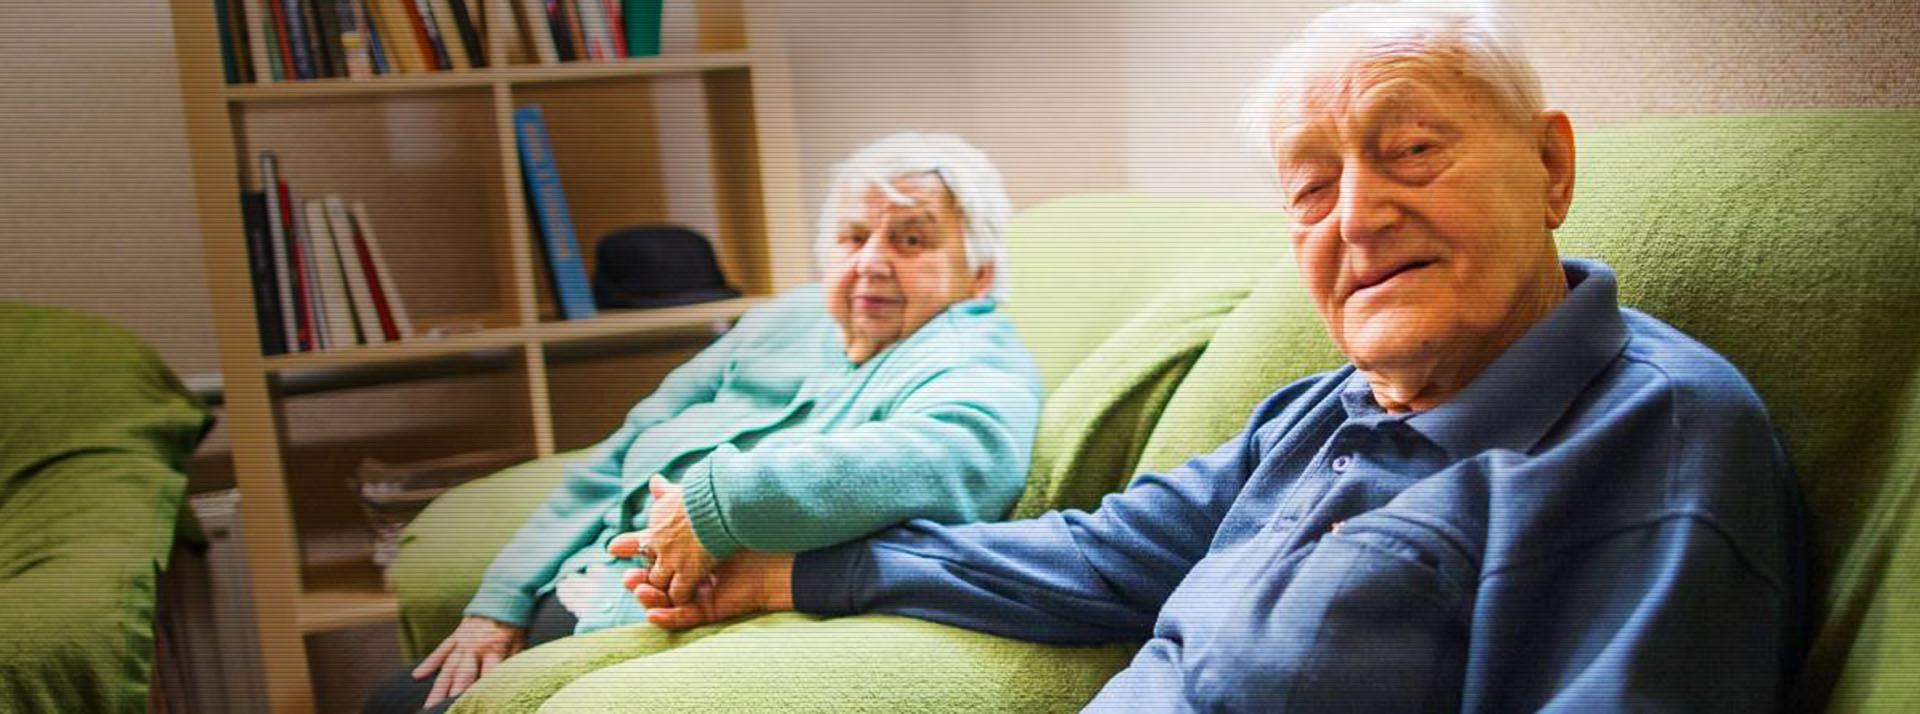 Organizujemy czas i rozrywkę osobom starszym i niepełnosprawnym oraz dzieciom i młodzieży z pobliskich szkół